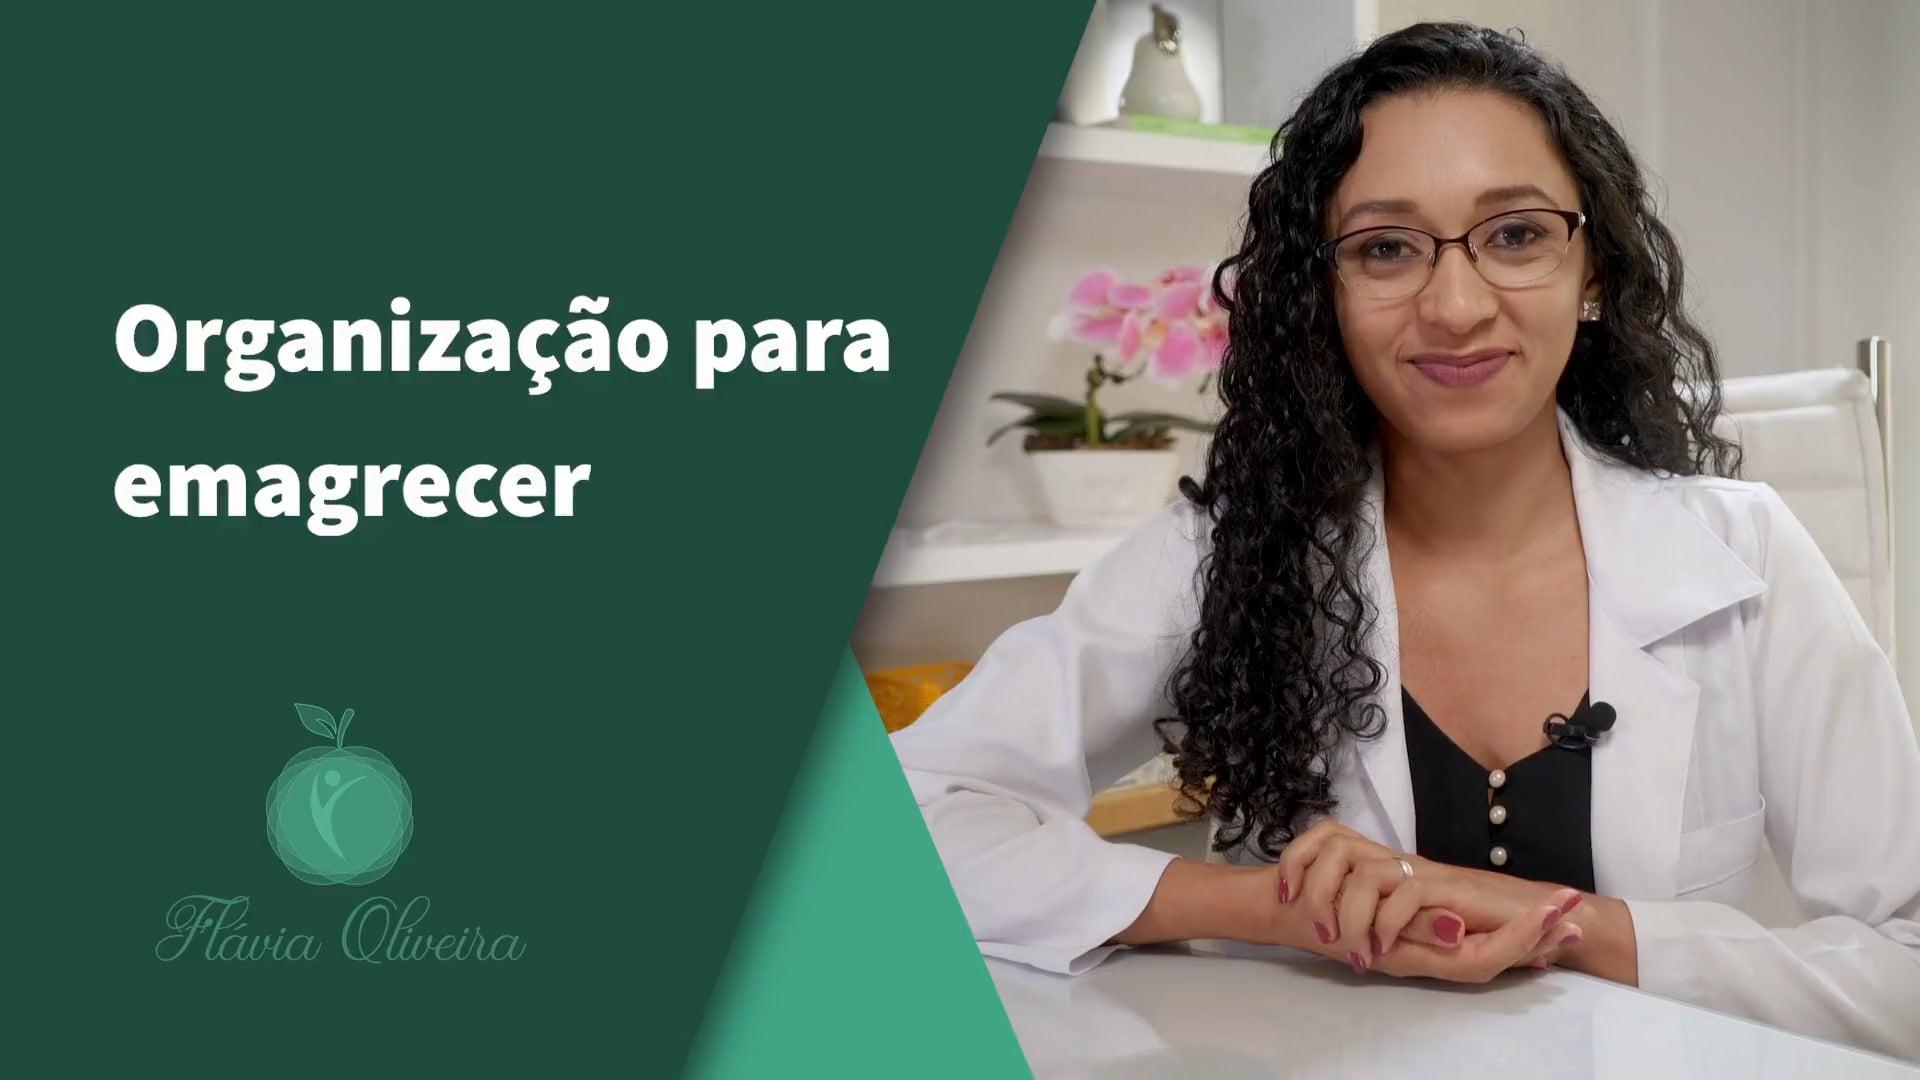 Emagrecimento saudável com Flávia Oliveira - Organização Para Emagrecer